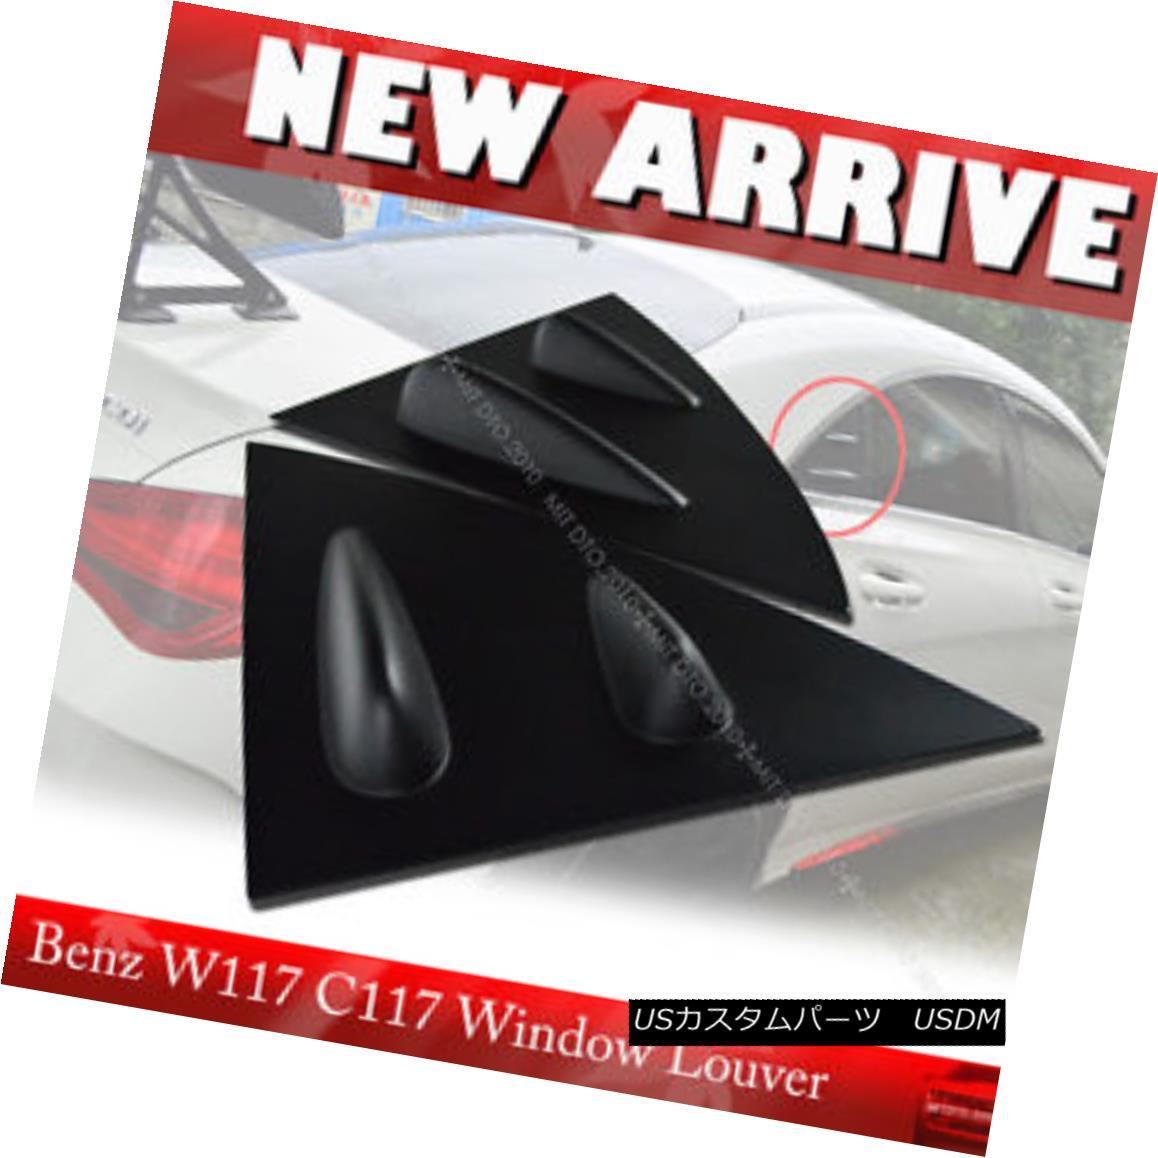 エアロパーツ MATTE BLACK MERCEDES BENZ C117 W117 CLA-CLASS SIDE WINDOW LOUVER CLA250 § MATTE BLACK MERCEDESベンツC117 W117 CLA-CLASSサイドウインドウLOUVER CLA250